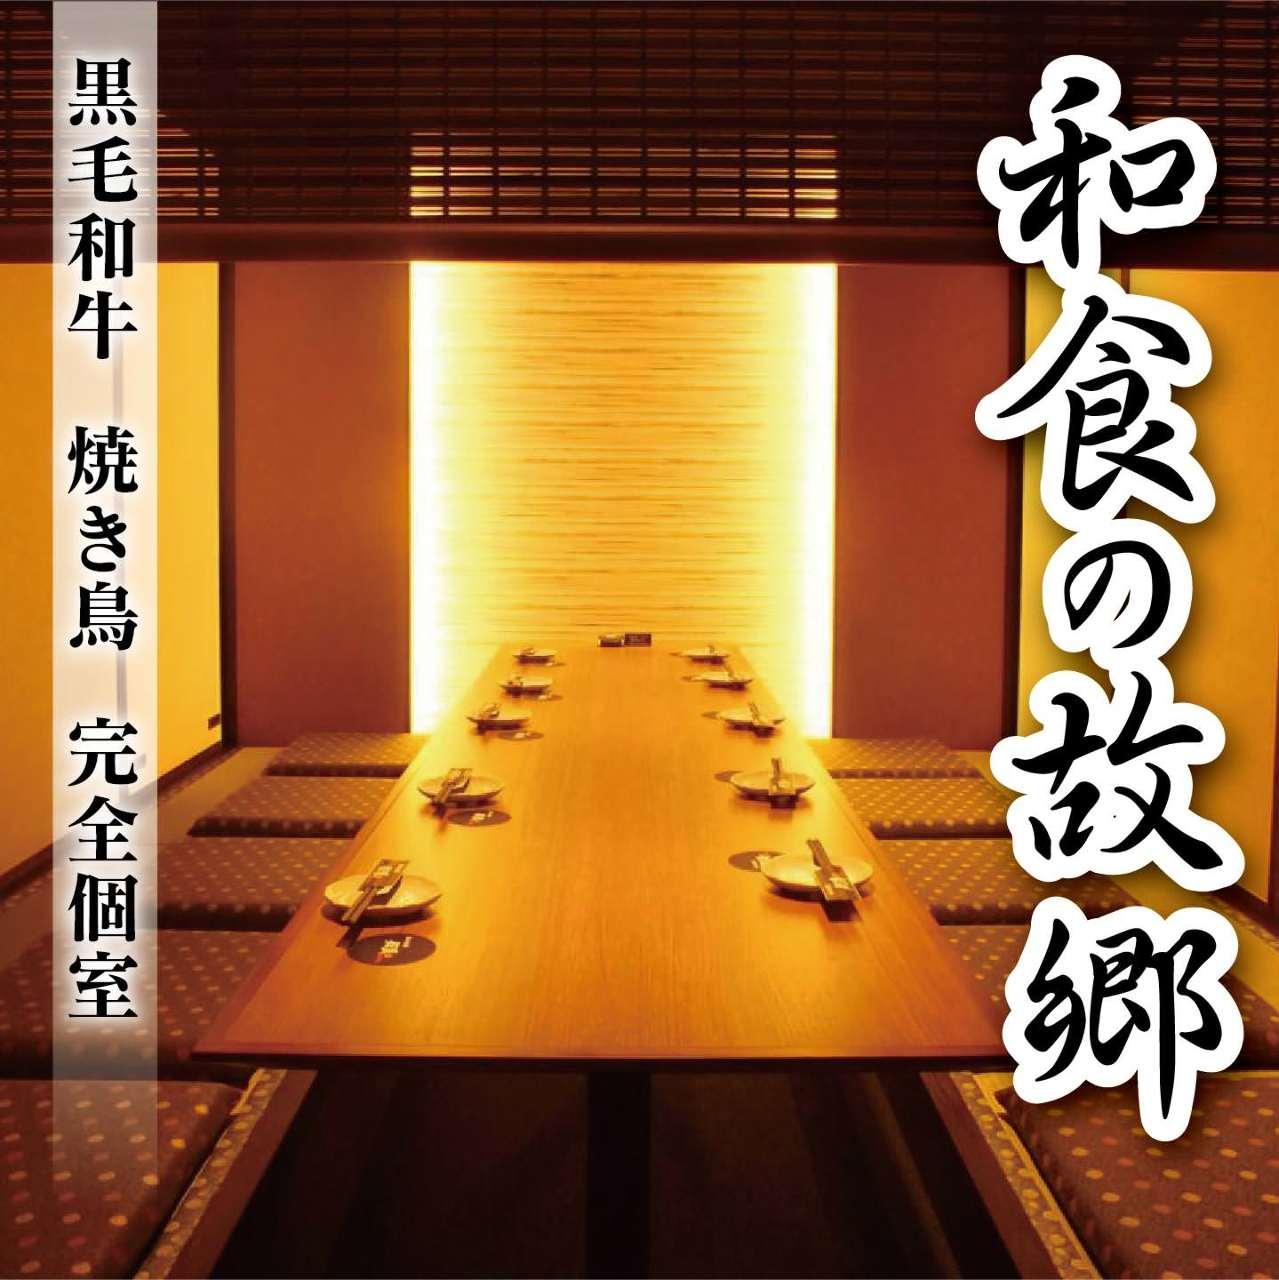 【席のみ予約必見】お通し代0円 ※《Openキャンペーン》無料とさせて頂きます。